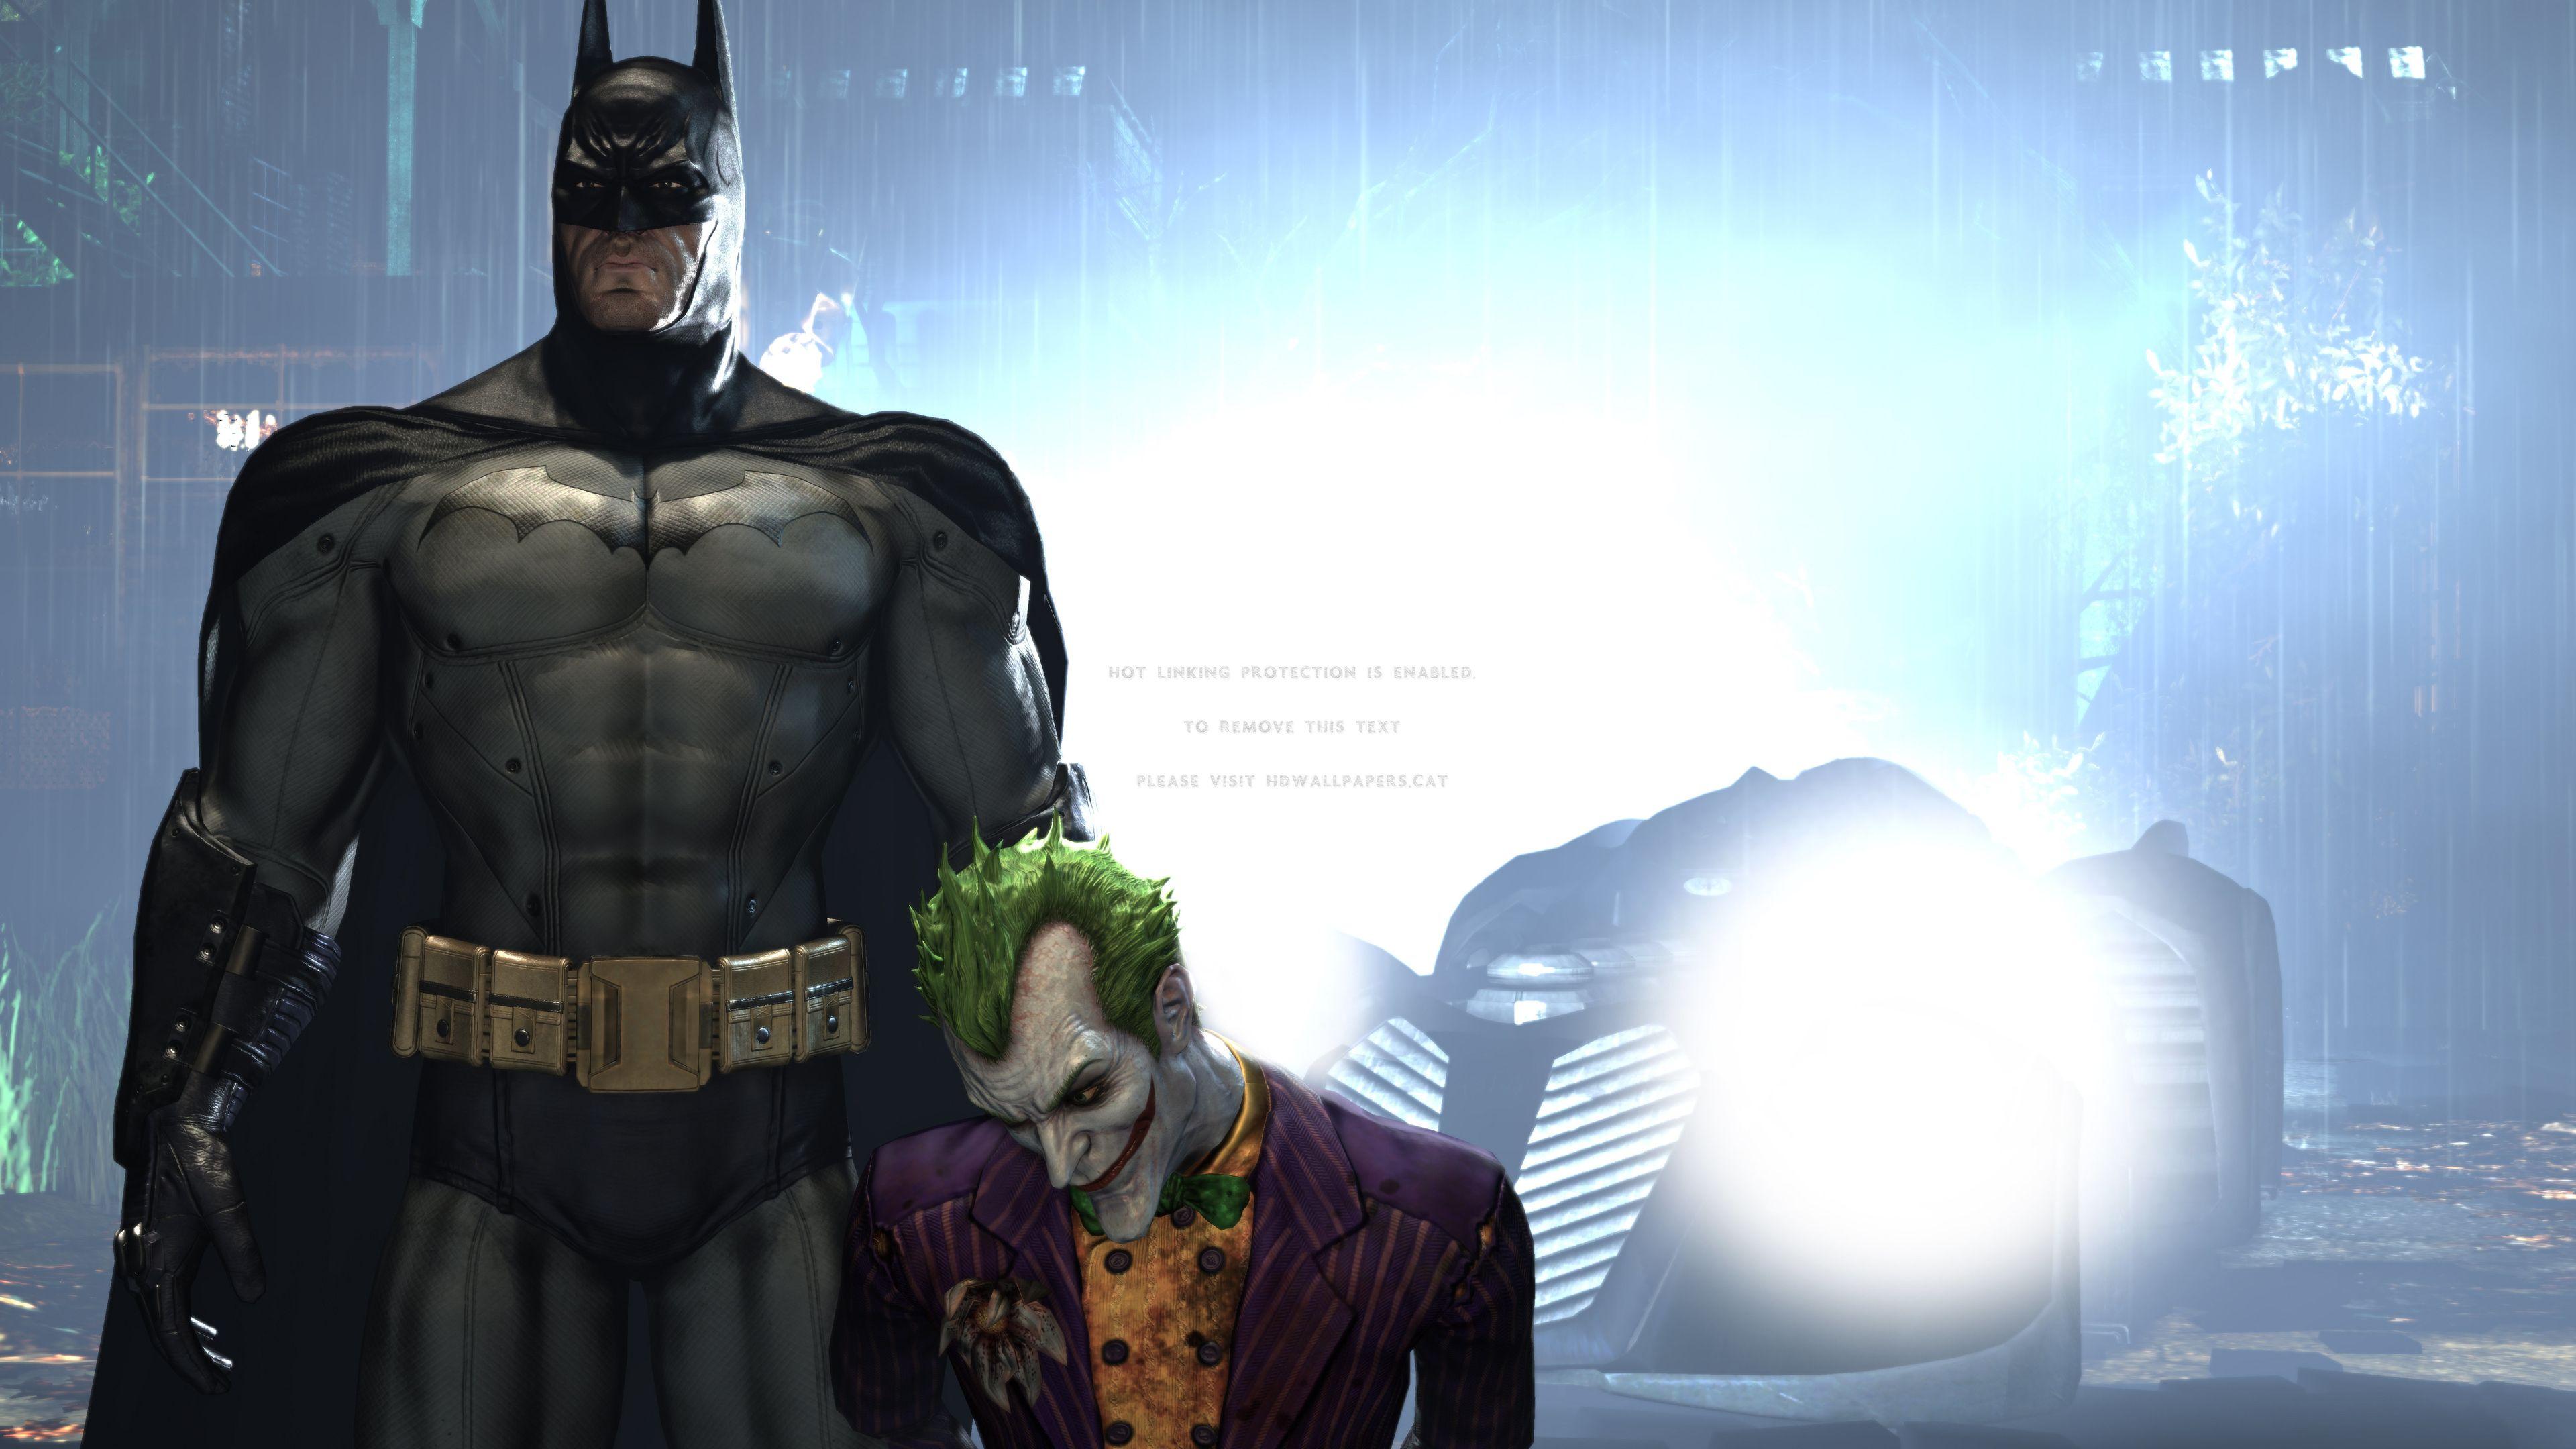 Batman Joker 5k Supervillain Wallpapers Superheroes Wallpapers Joker Wallpapers Hd Wallpapers Batman Wa Batman Wallpaper Arkham Asylum Batman Arkham Asylum